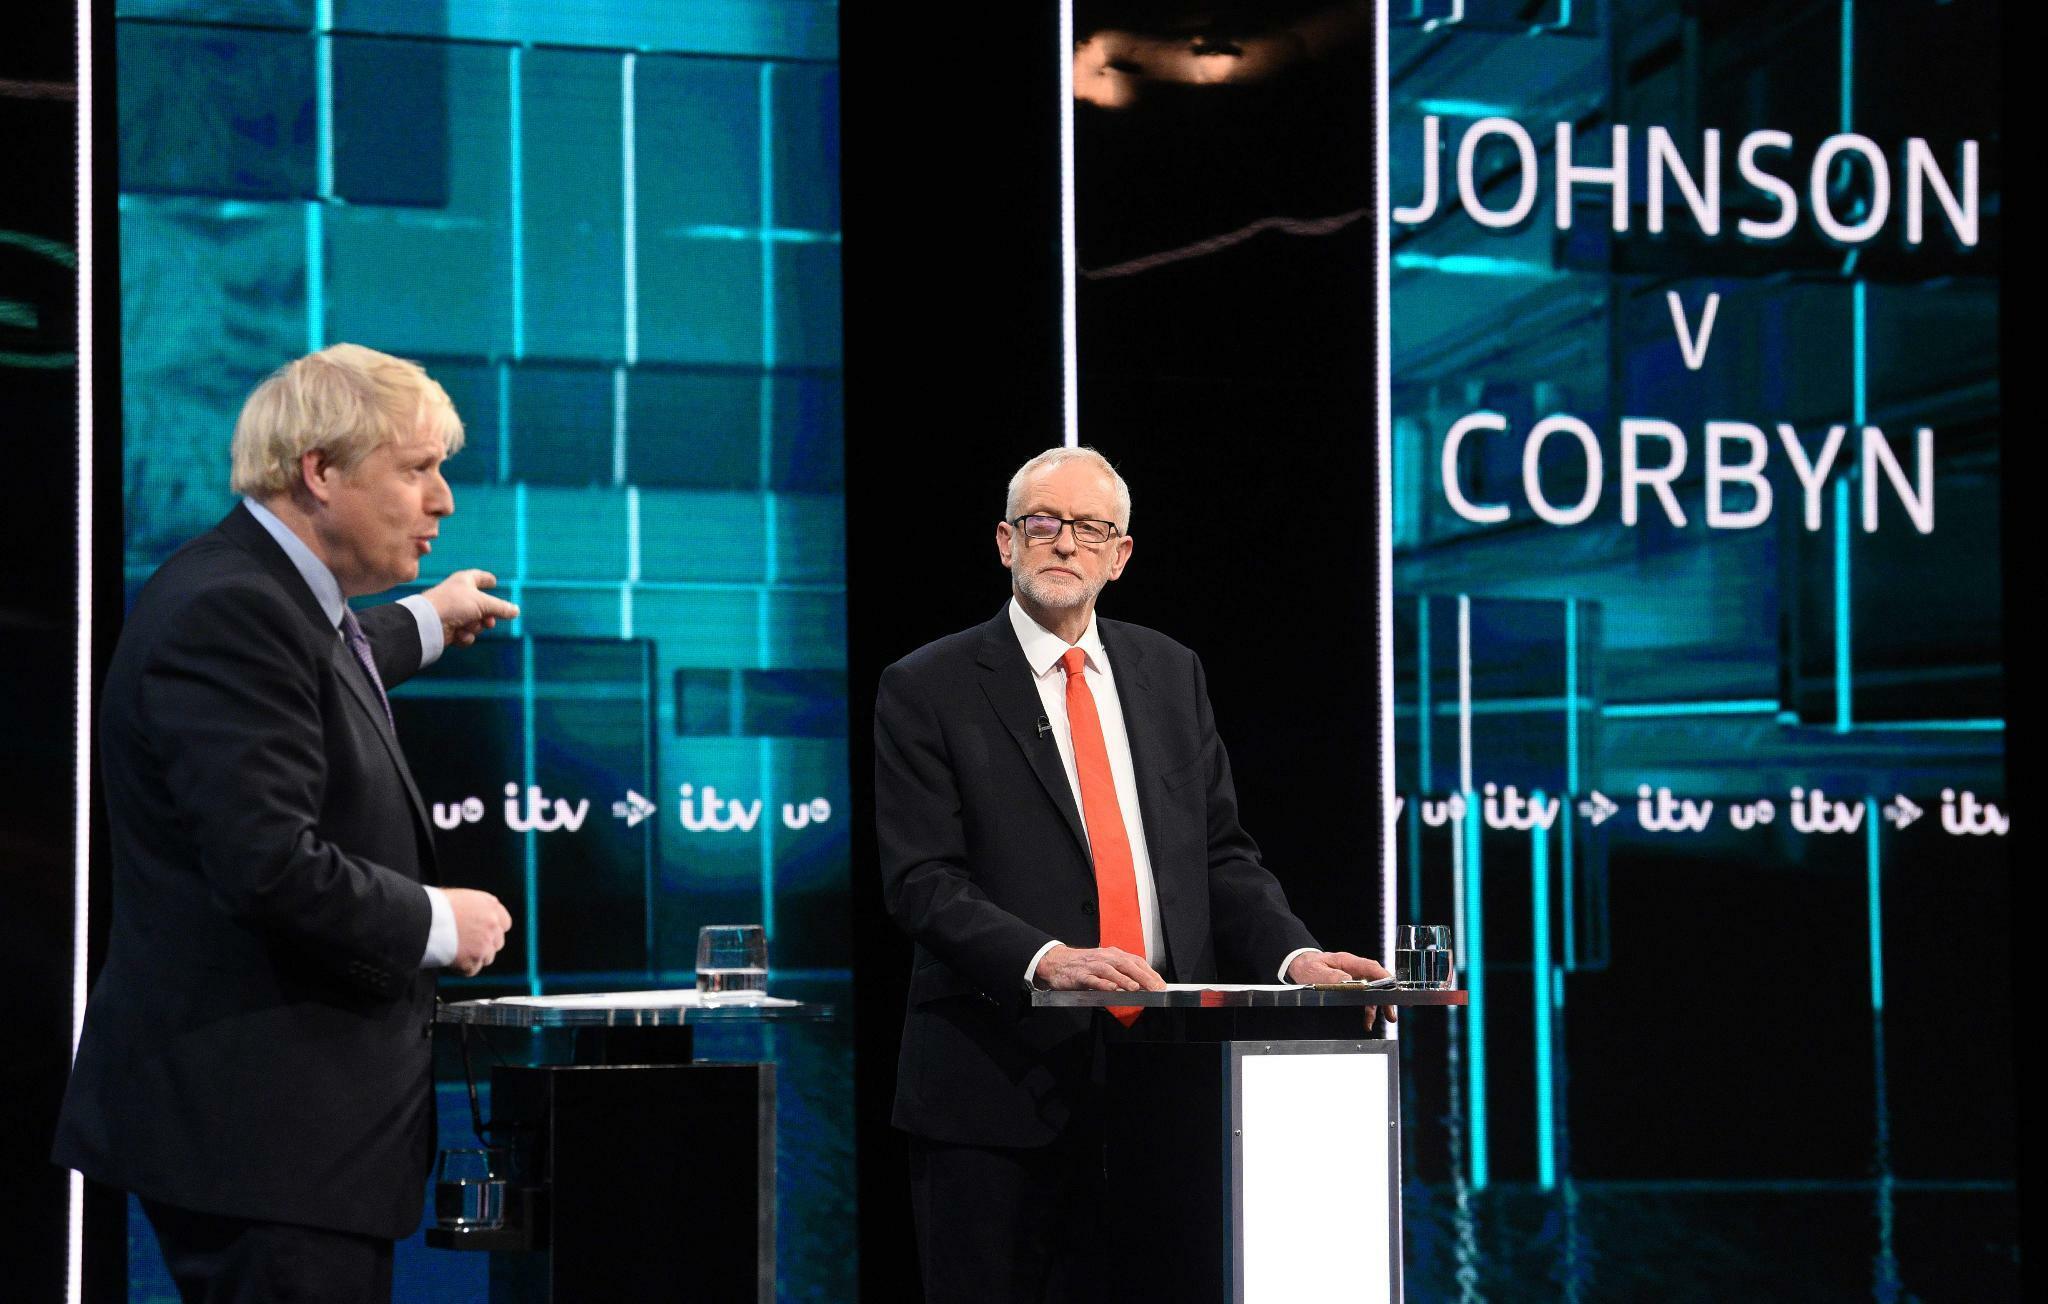 TV-Duell: Johnson gegen Corbyn – Ein Kampf ohne klaren Sieger